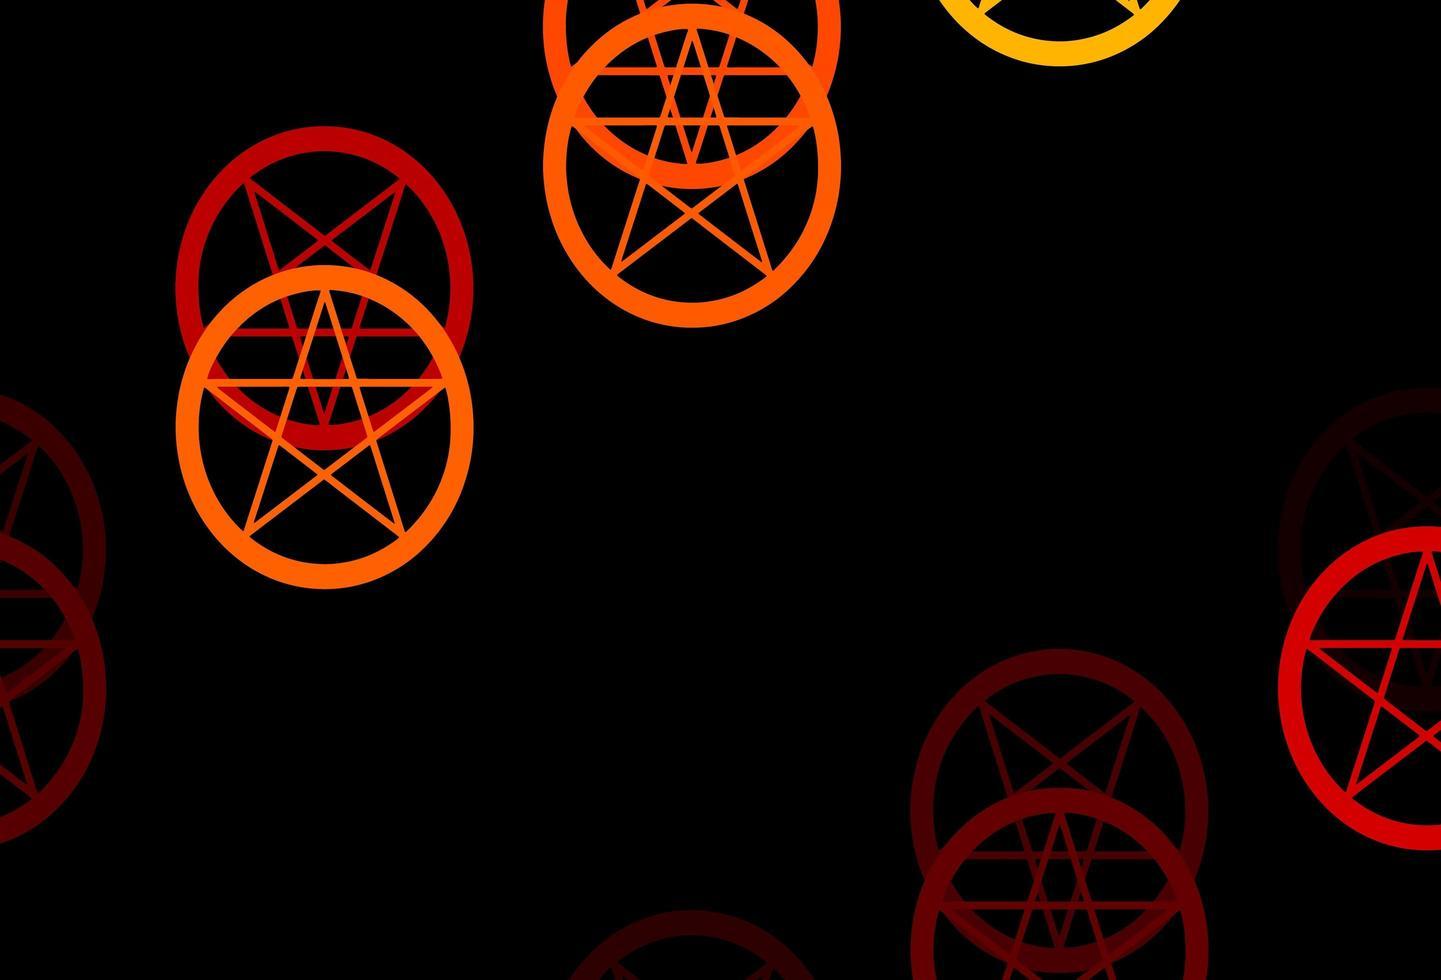 oranje sjabloon met esoterische tekens. vector